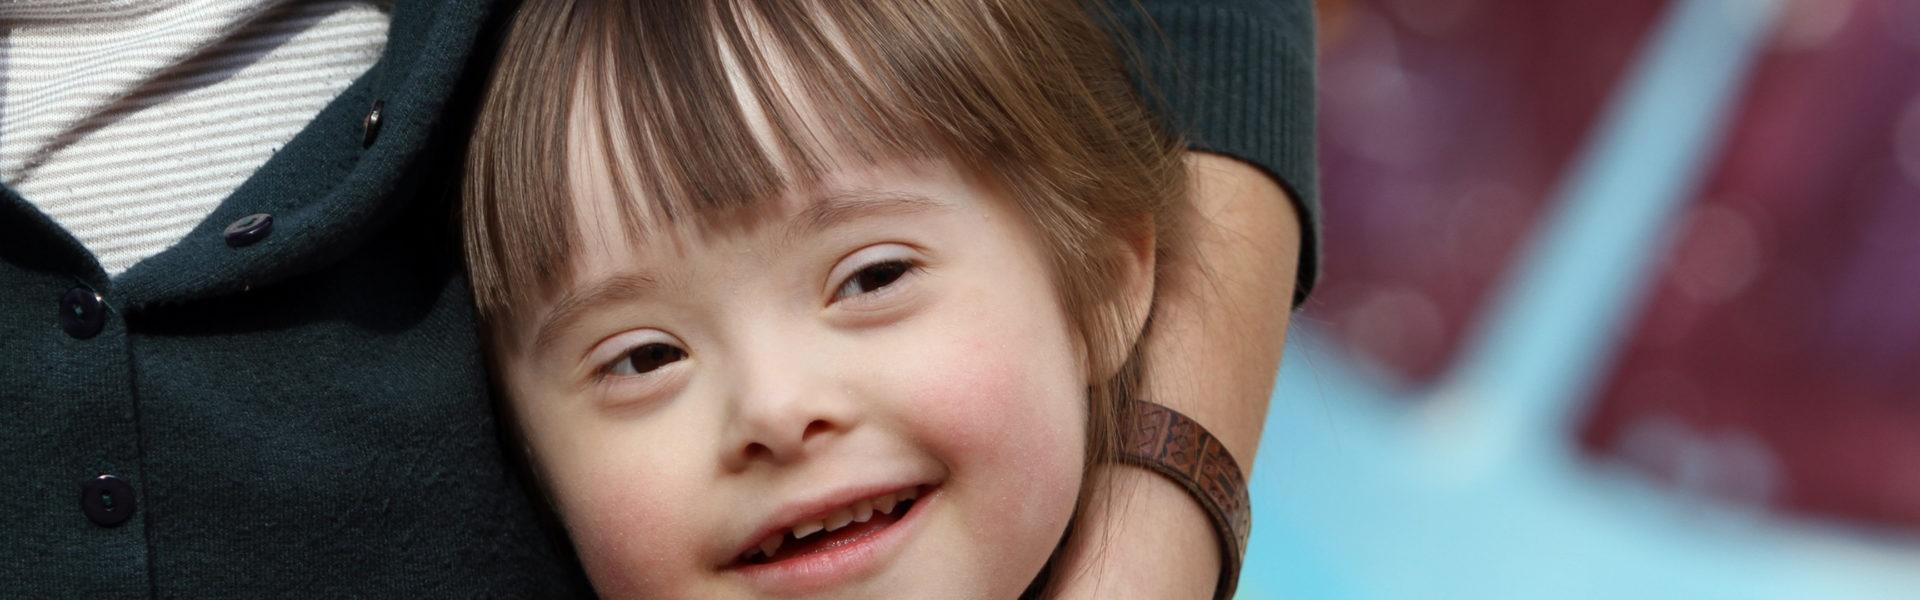 Visage souriant d'une enfant